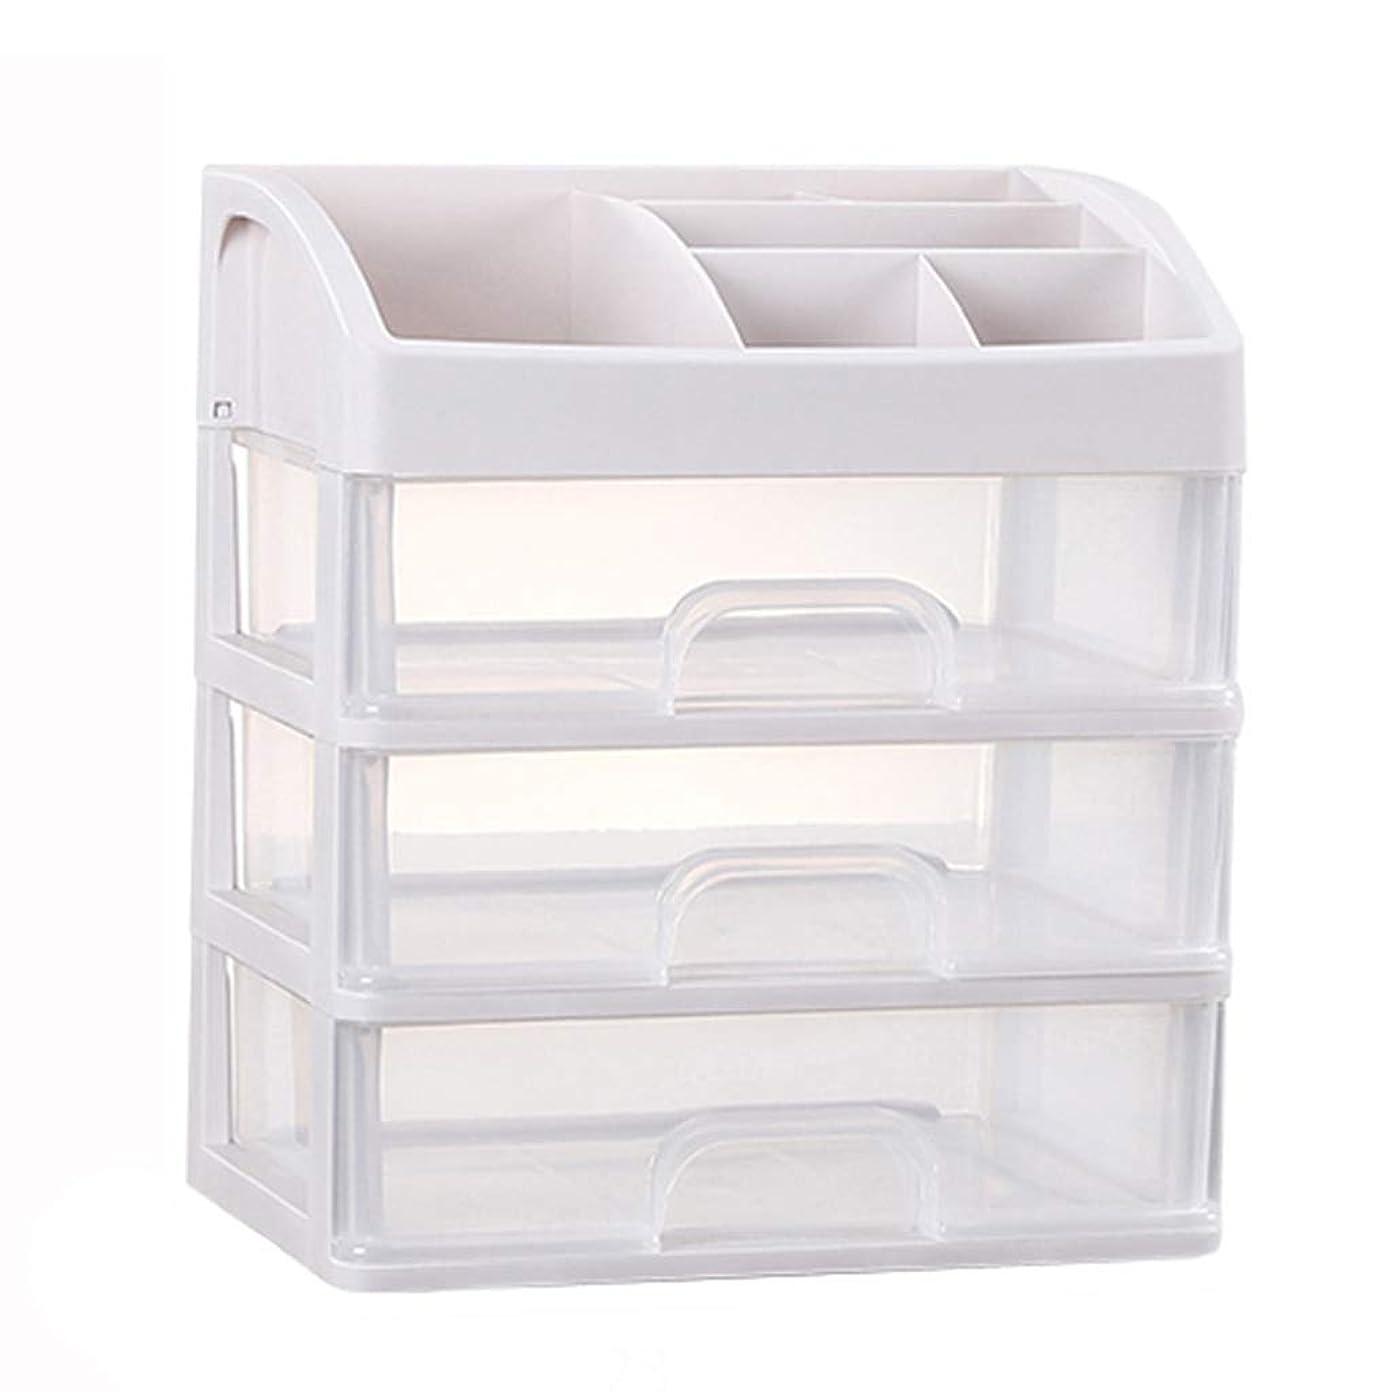 配列規模同化KKY-ENTER プラスチックシンプル化粧品収納ボックス透明引き出しタイプ口紅ジュエリースキンケア製品収納ディスプレイボックス (Size : 23.3*17*26.8cm)